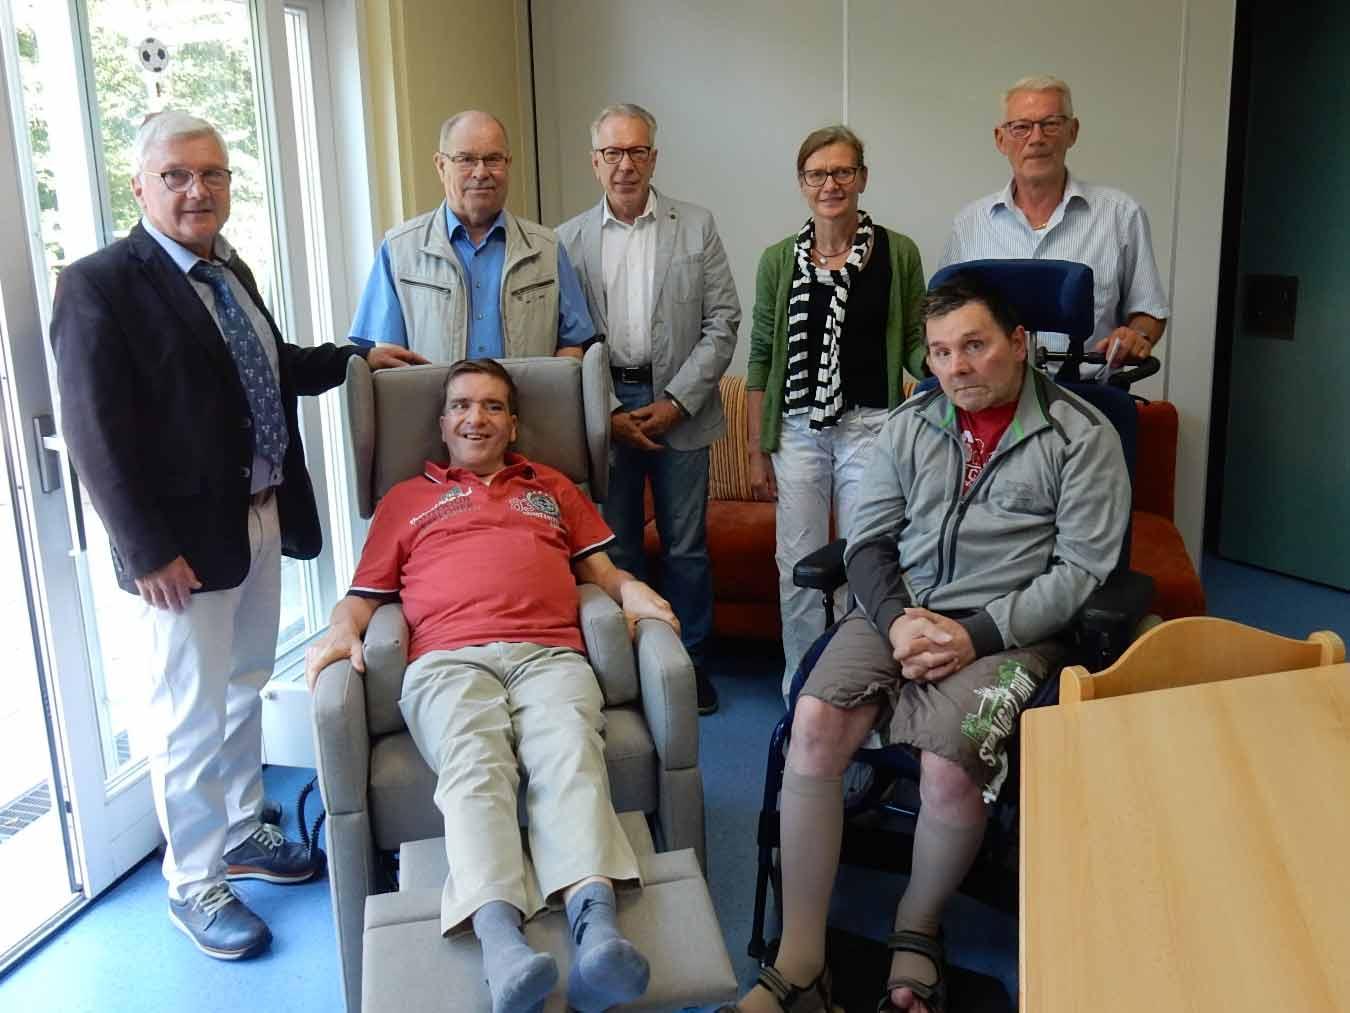 Lebenshilfe-Stiftung übergibt VIANDO Pflegesessel an Heilpädagogische Tagesgruppe